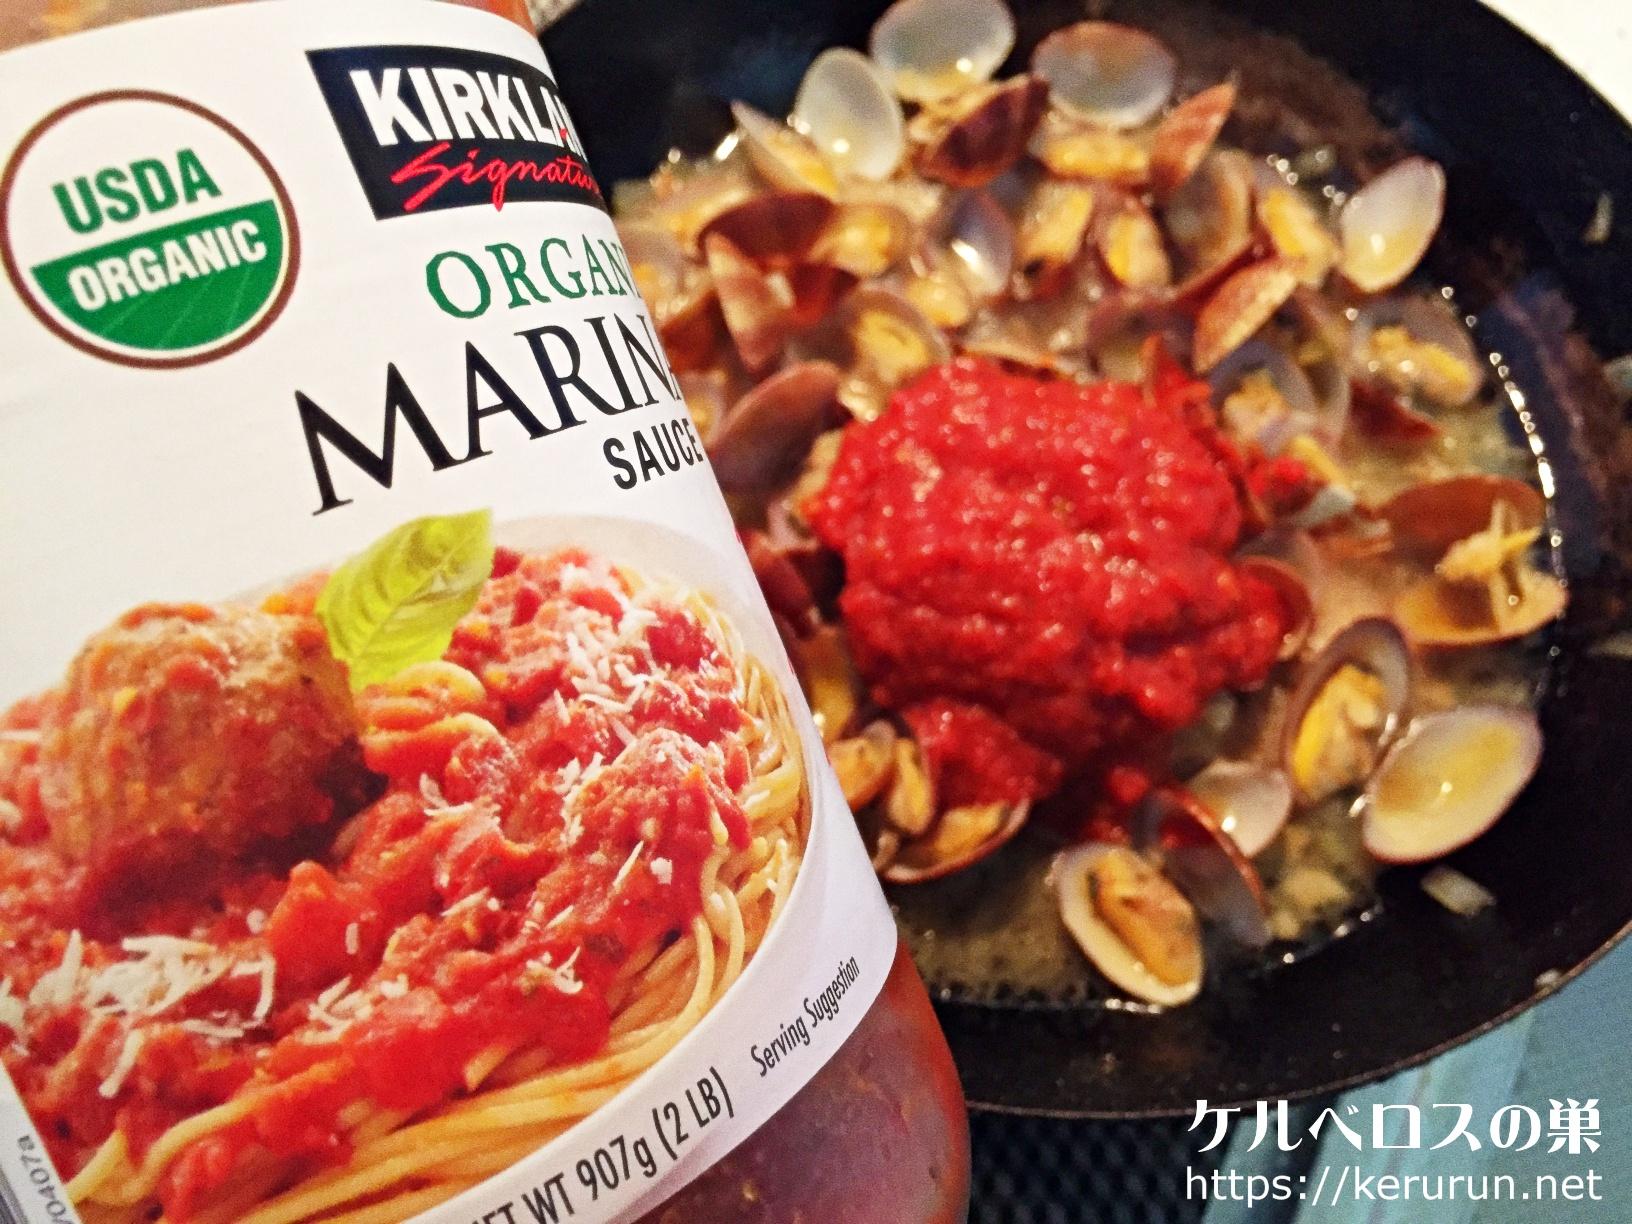 【レシピあり・コストコ活用術】冷凍あさりとマリナラソースで作るボンゴレロッソ